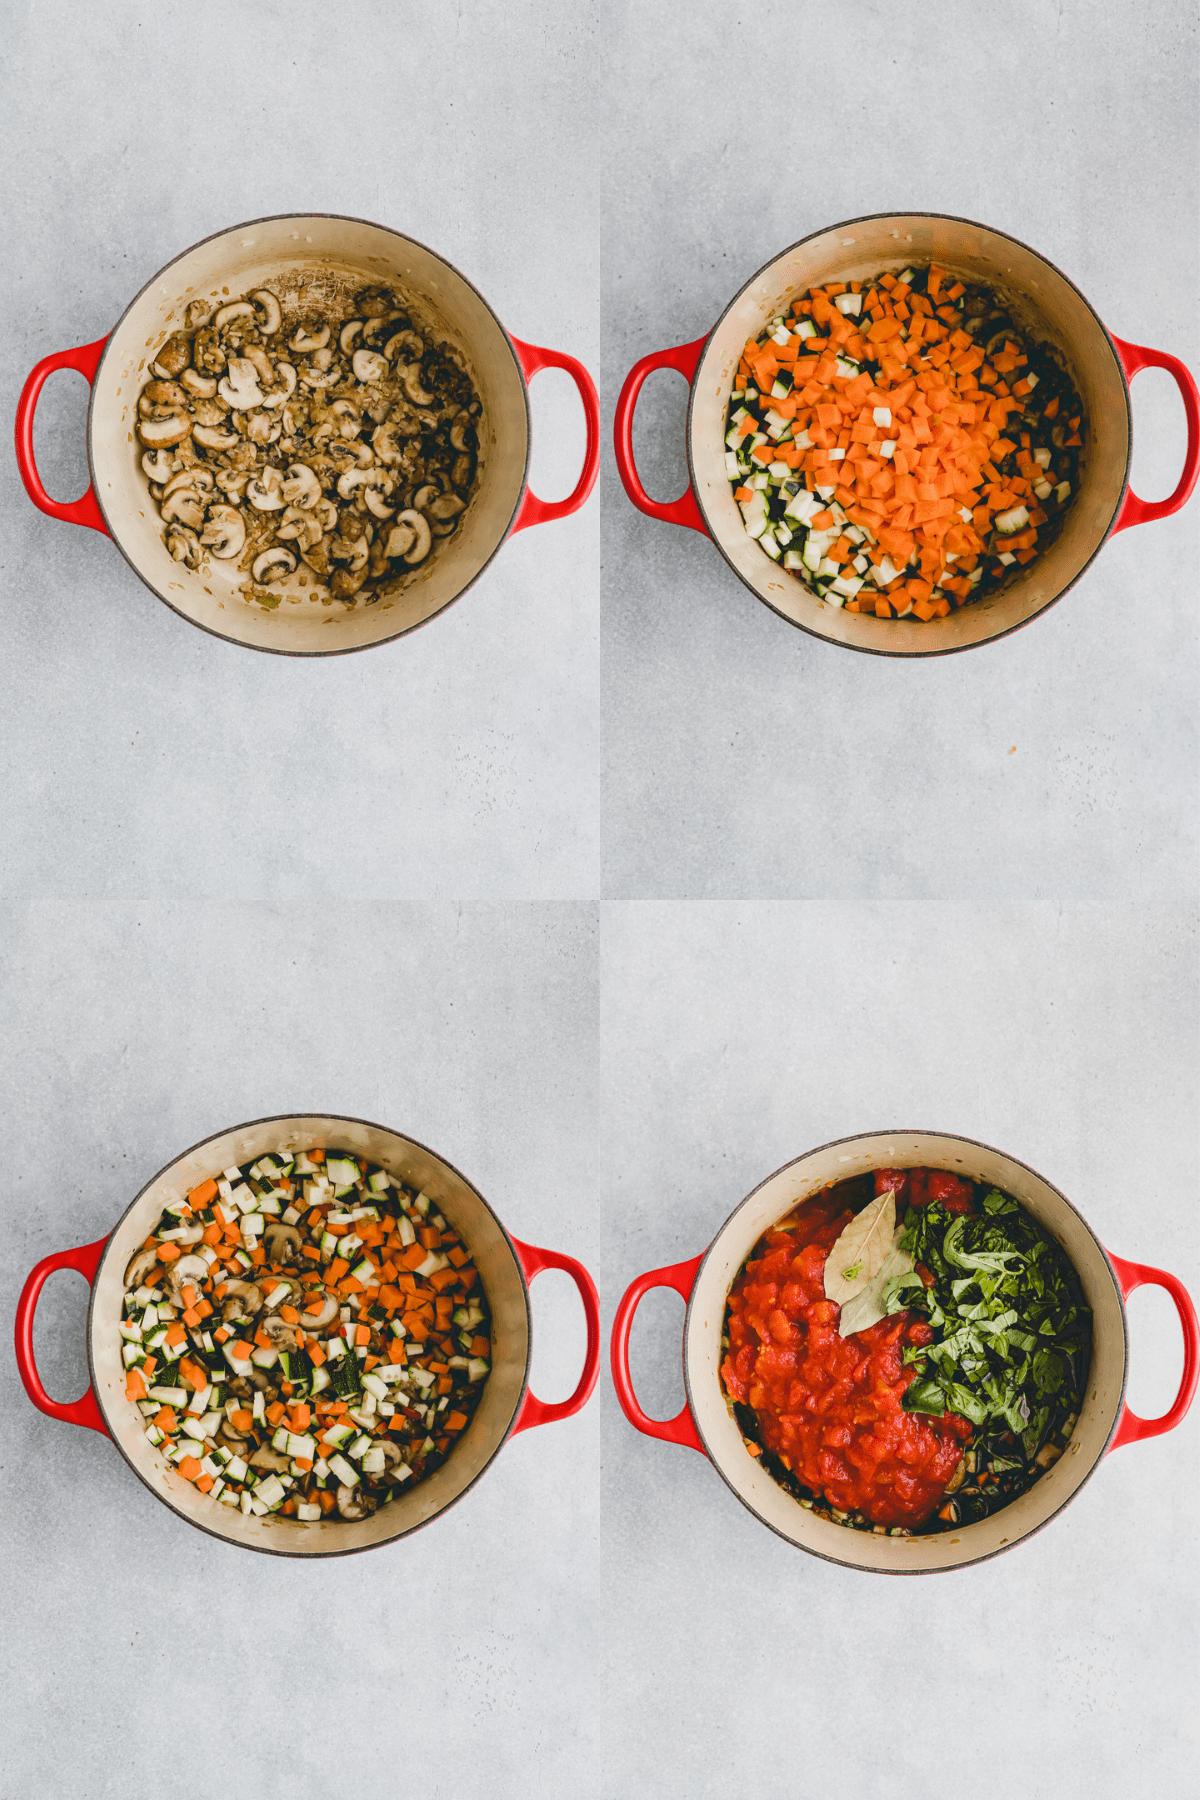 Vegetarian Lasagna Recipe Step 1-4